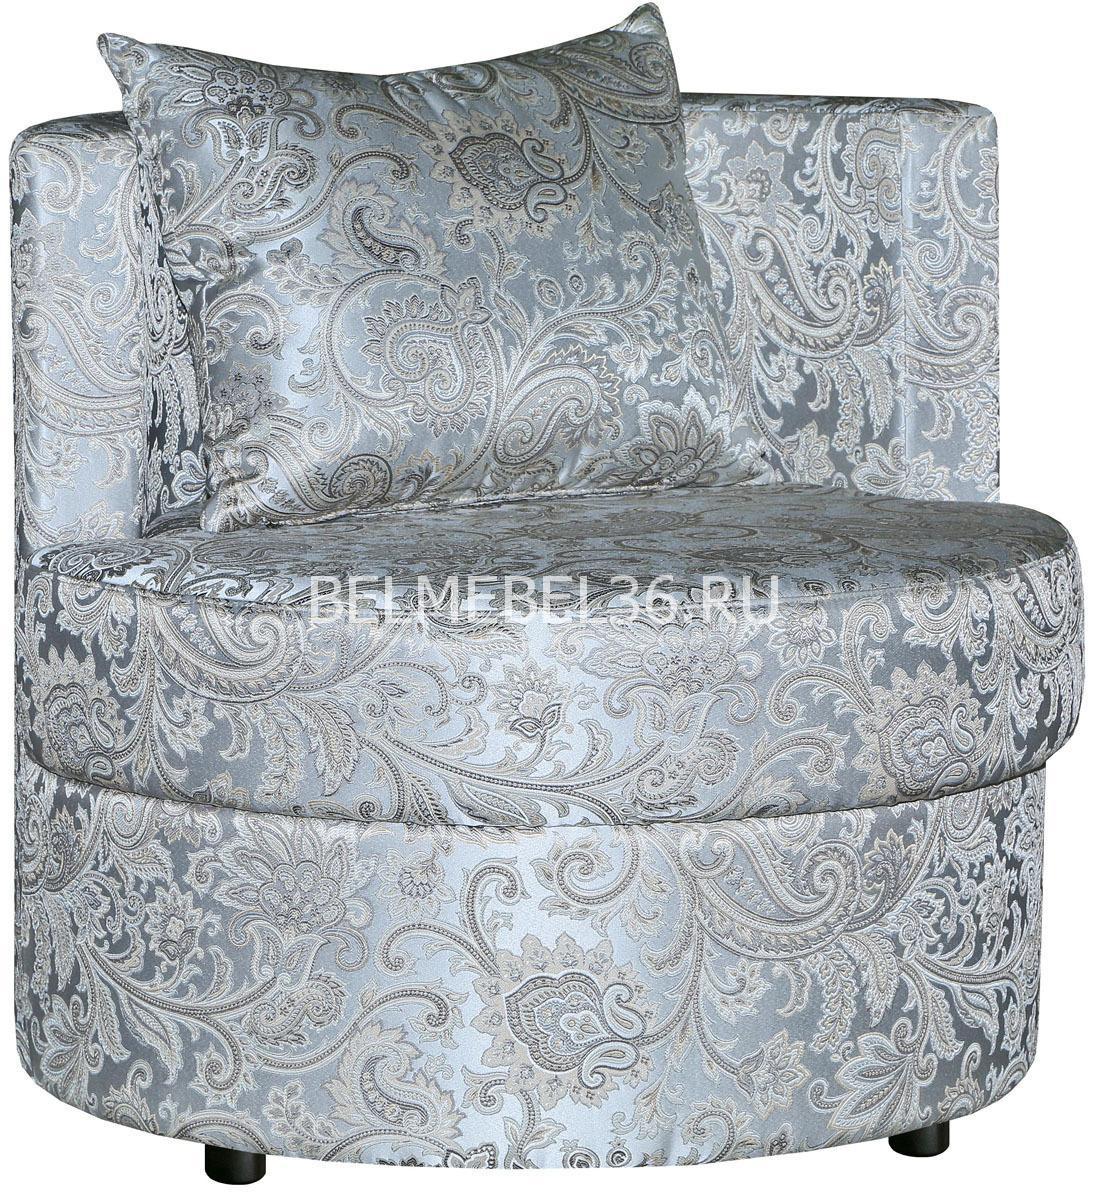 Кресло Каролина (12) П-Д93   Белорусская мебель в Воронеже